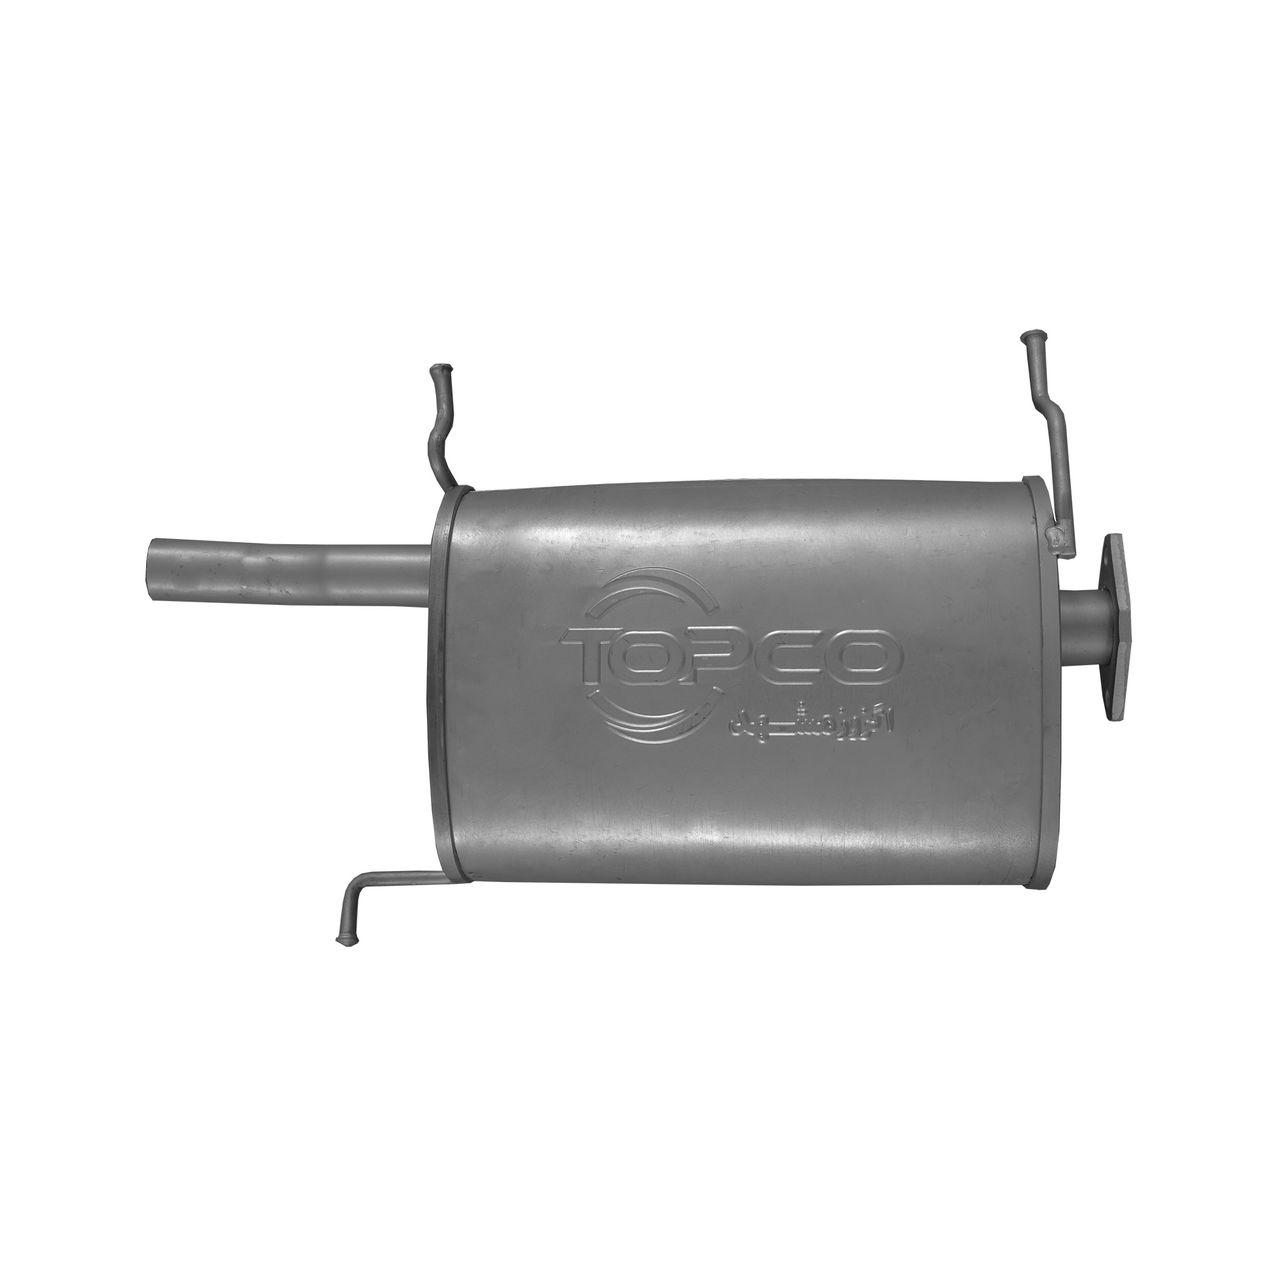 منبع اگزوز تاپکو مدل T110 مناسب برای پراید